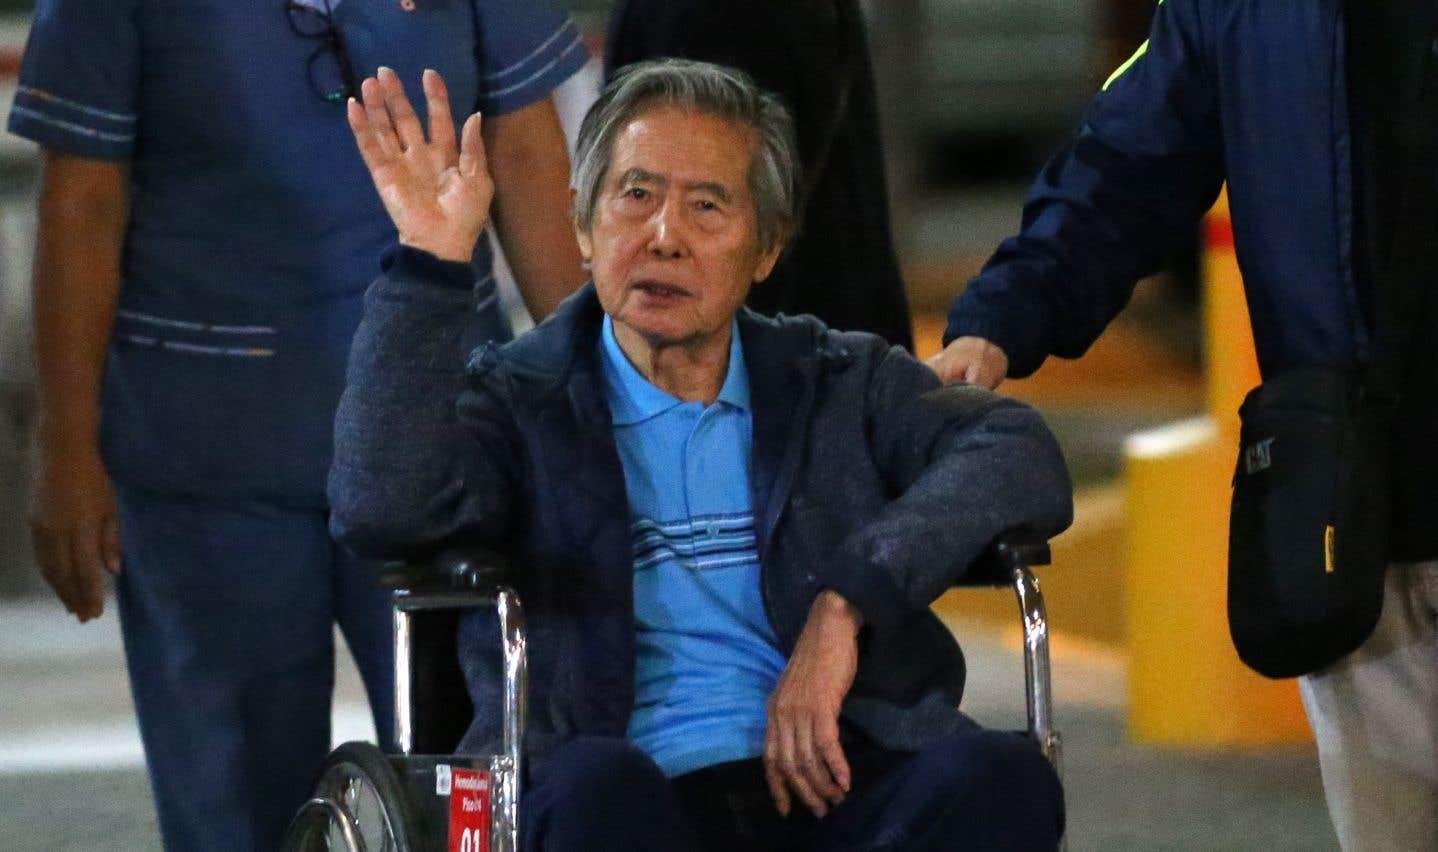 Accusé de crimes contre l'humanité et de corruption, l'ex-président péruvien Alberto Fujimori a été gracié le 24 décembre pour raisons de santé.